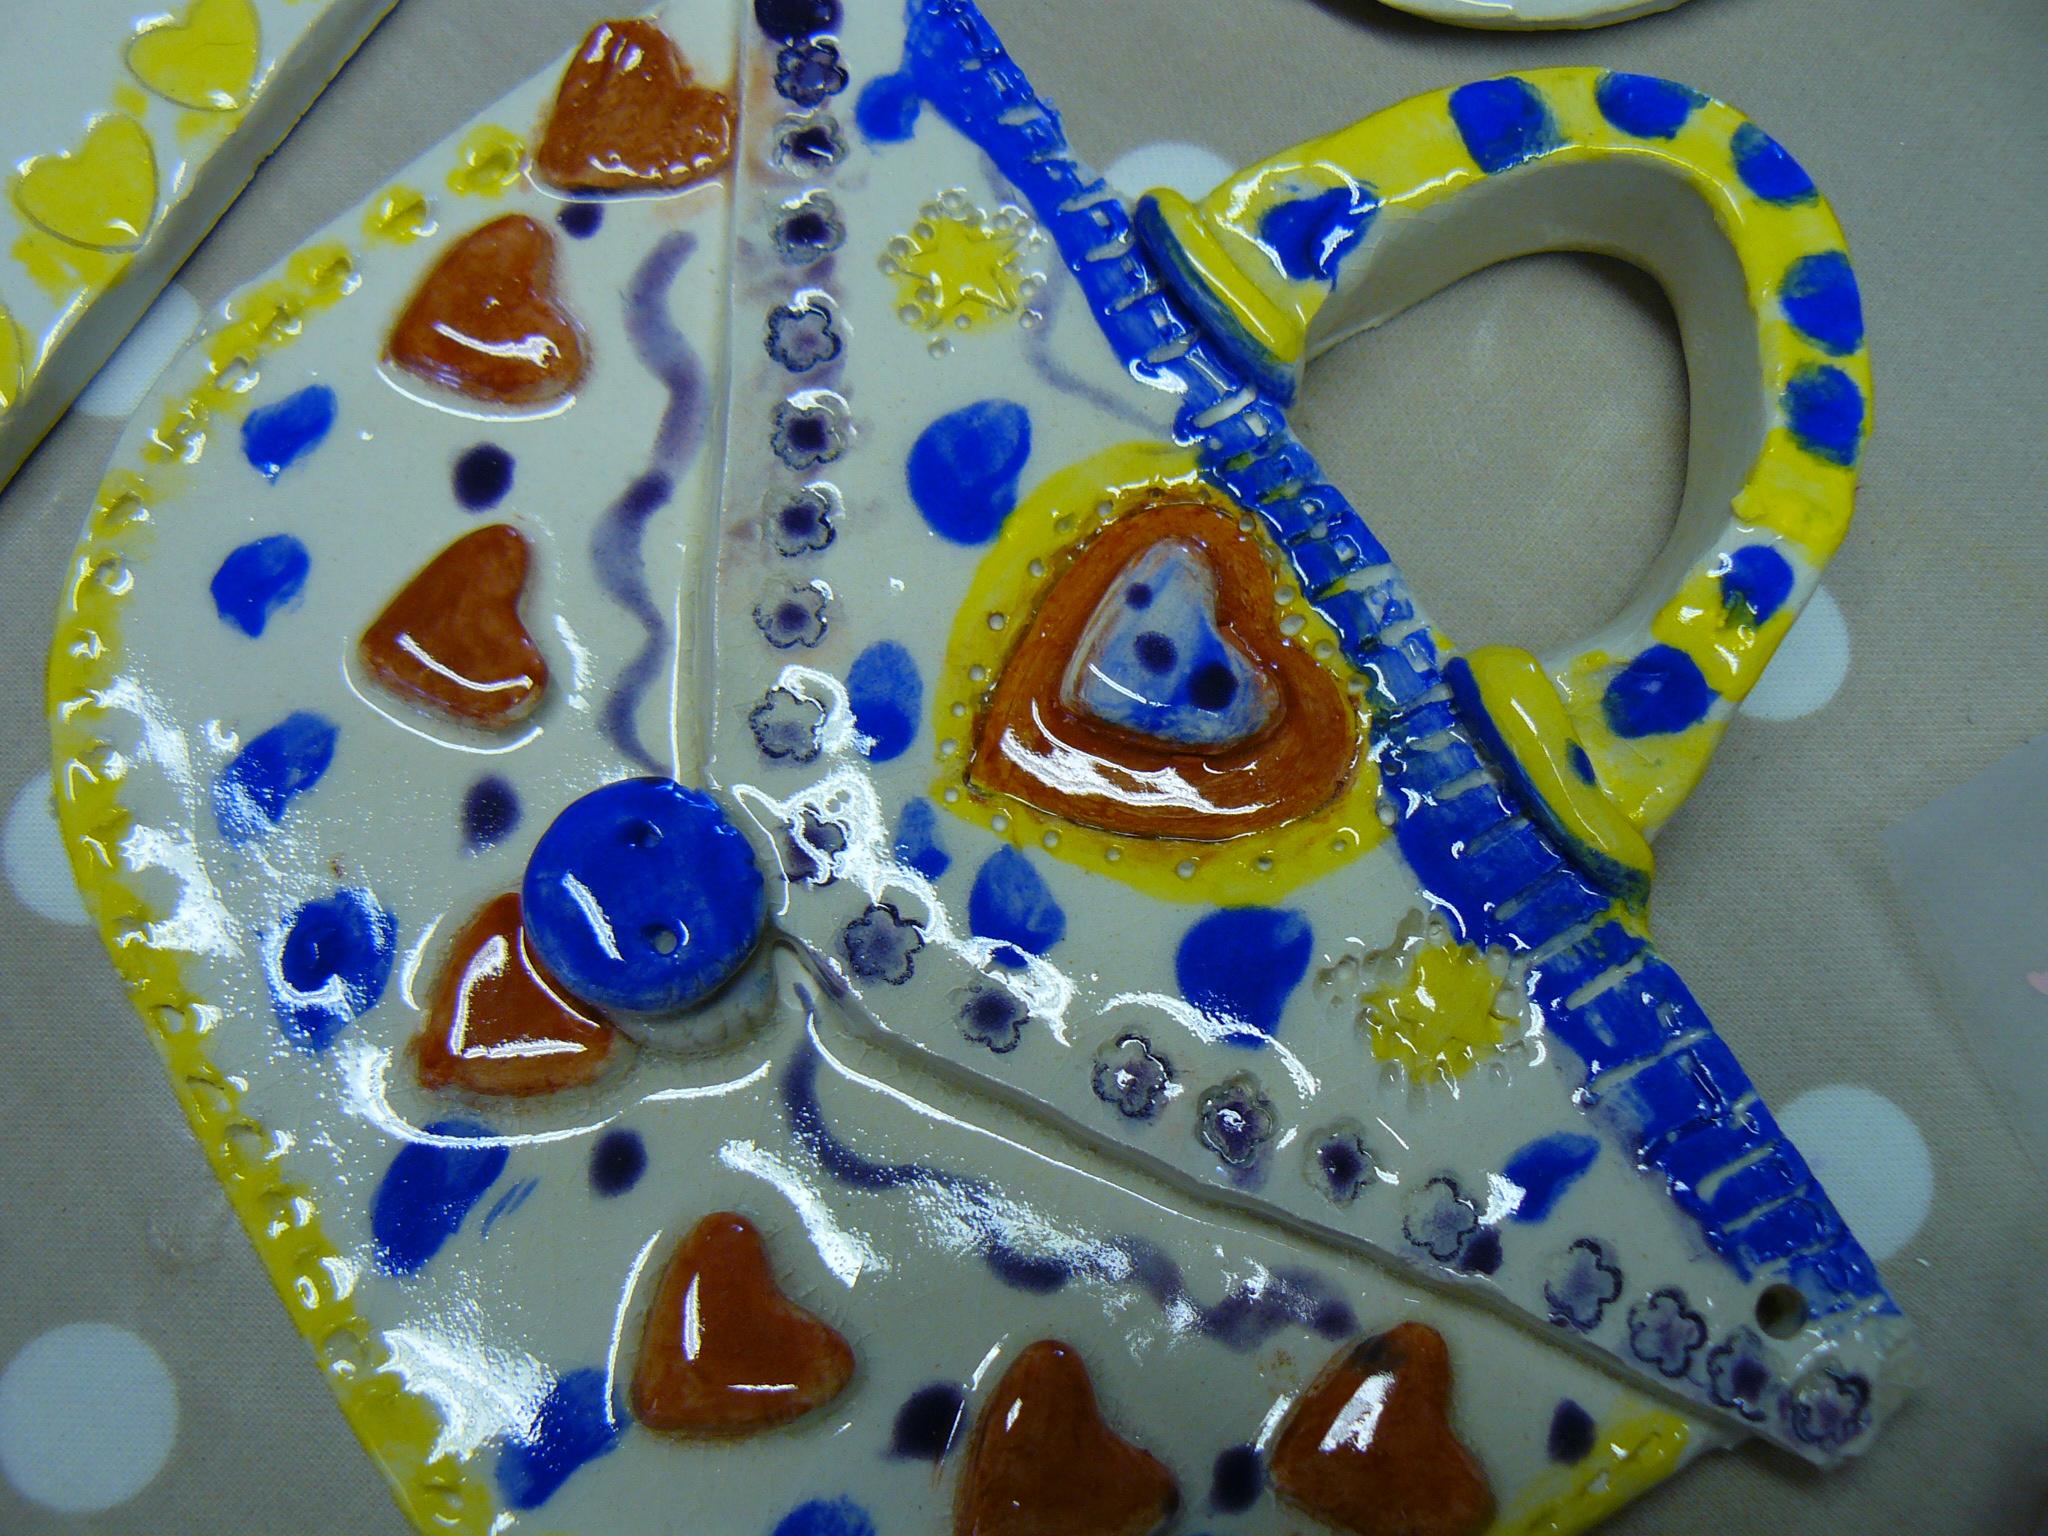 clay ceramic pottery hand made pottery party clayfun sevenoaks kent